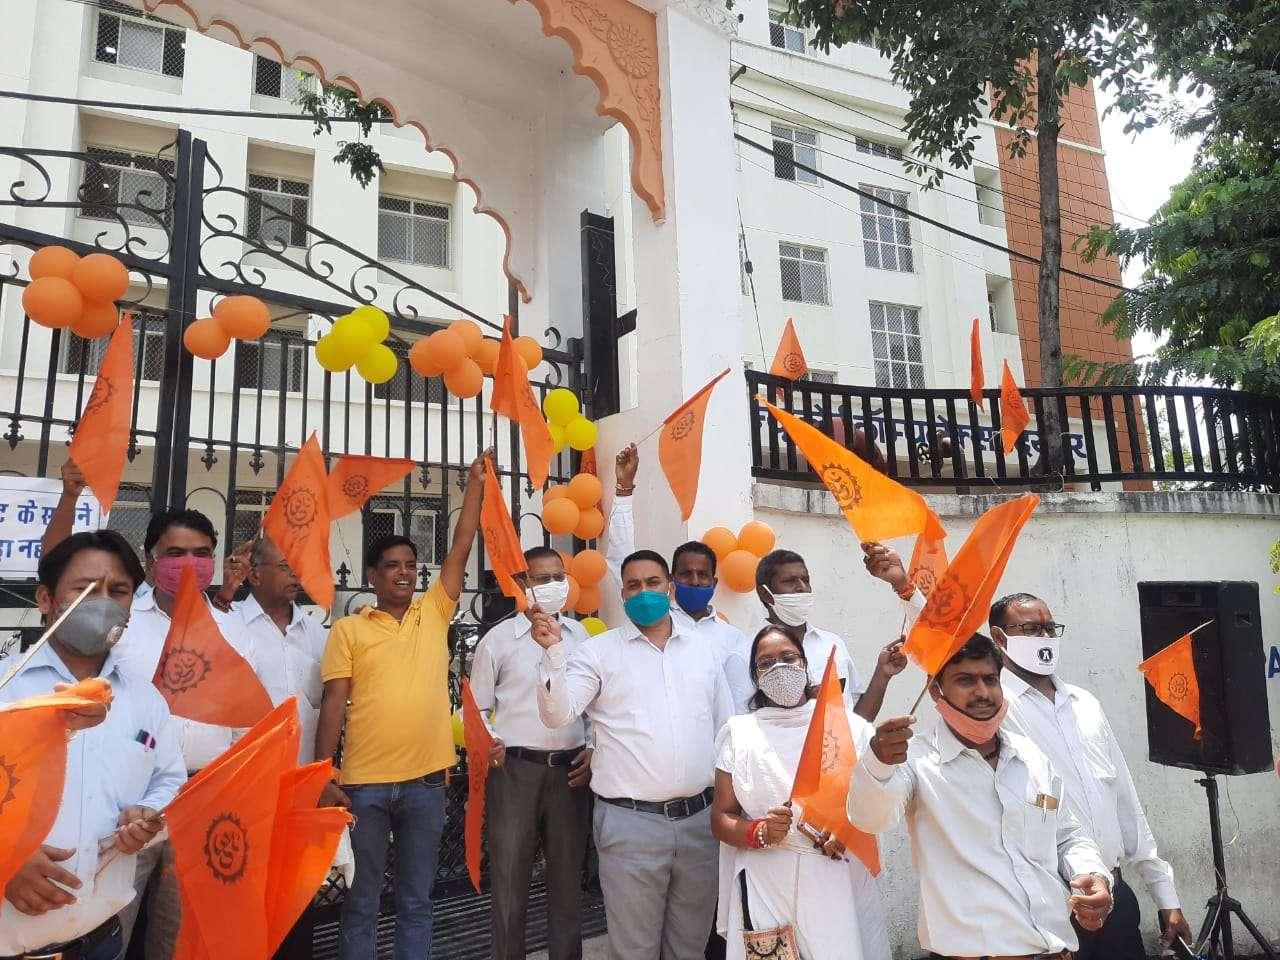 उदयपुर में कोर्ट के बाहर भाजपा विधि प्रकोष्ठ की टीम जश्न मनाते हुए।